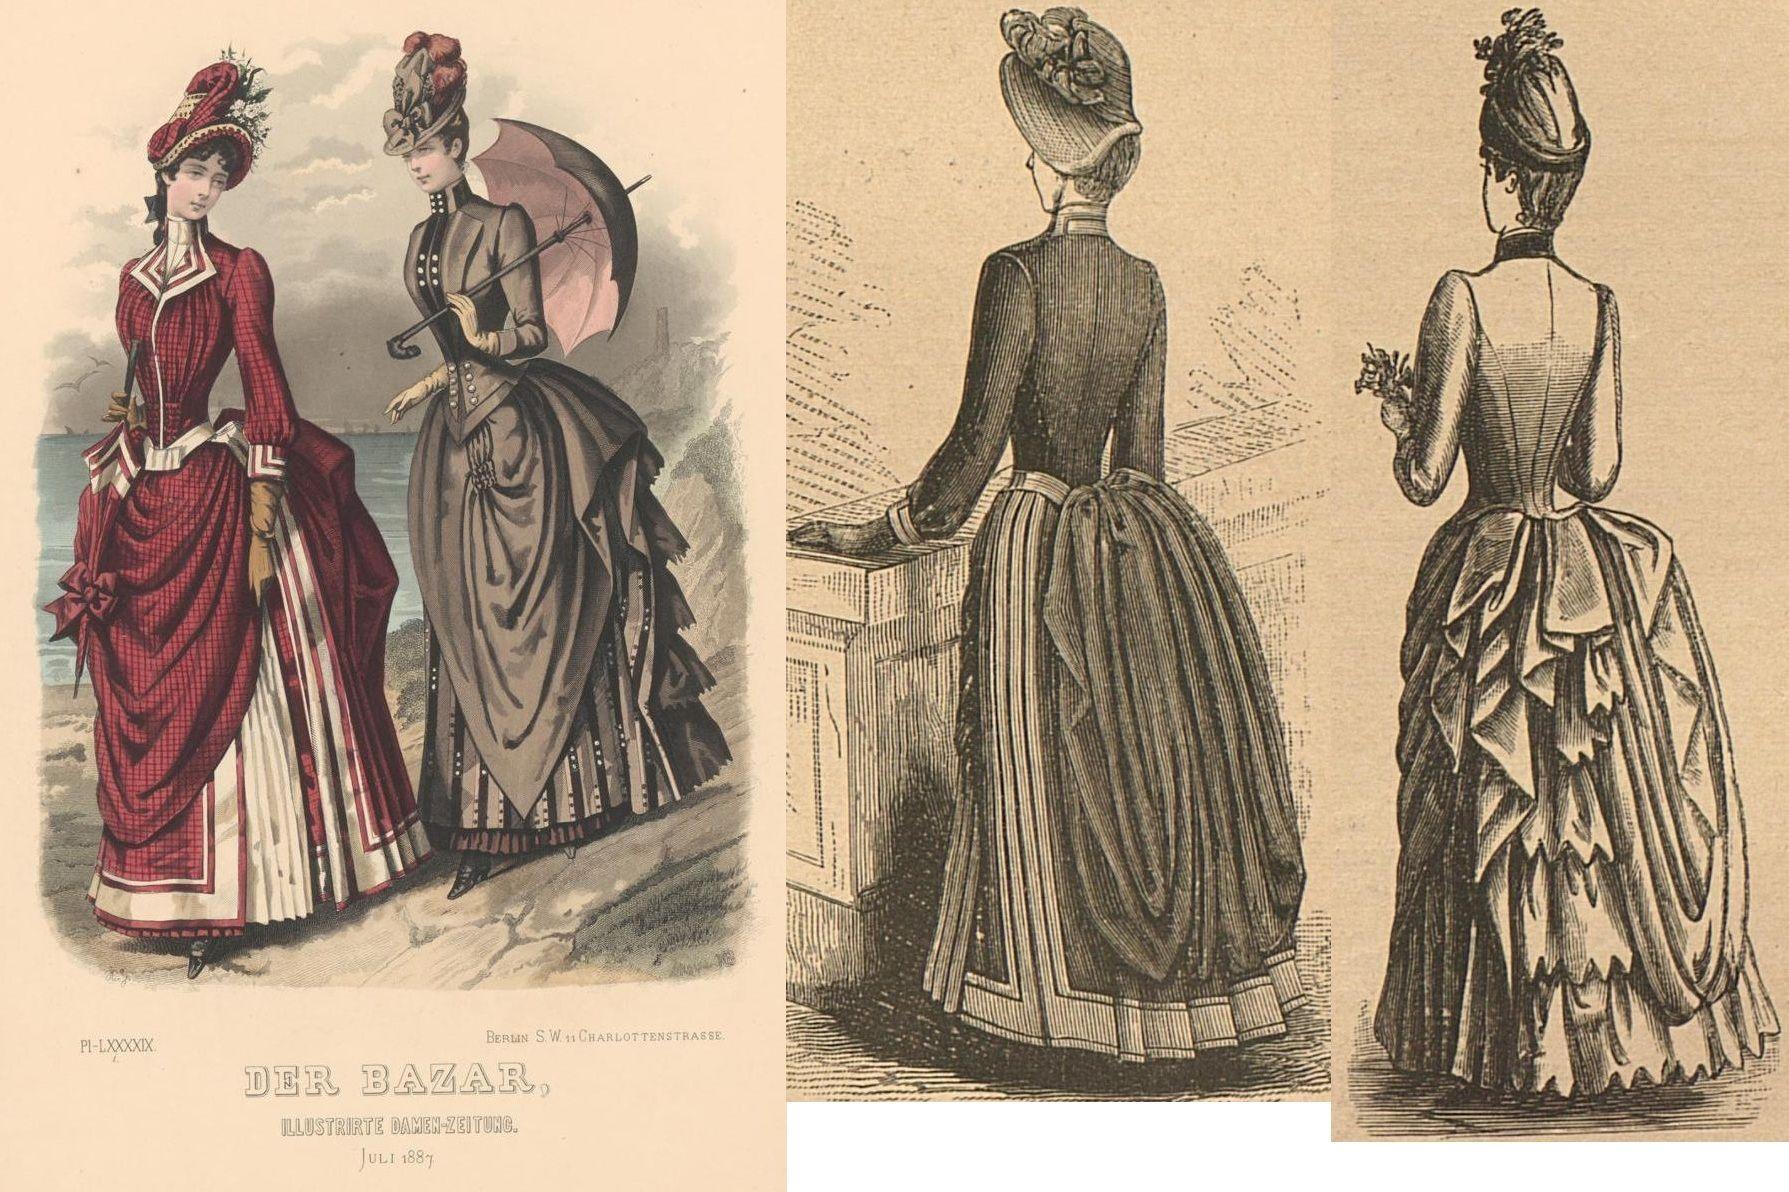 Der Bazar 1887